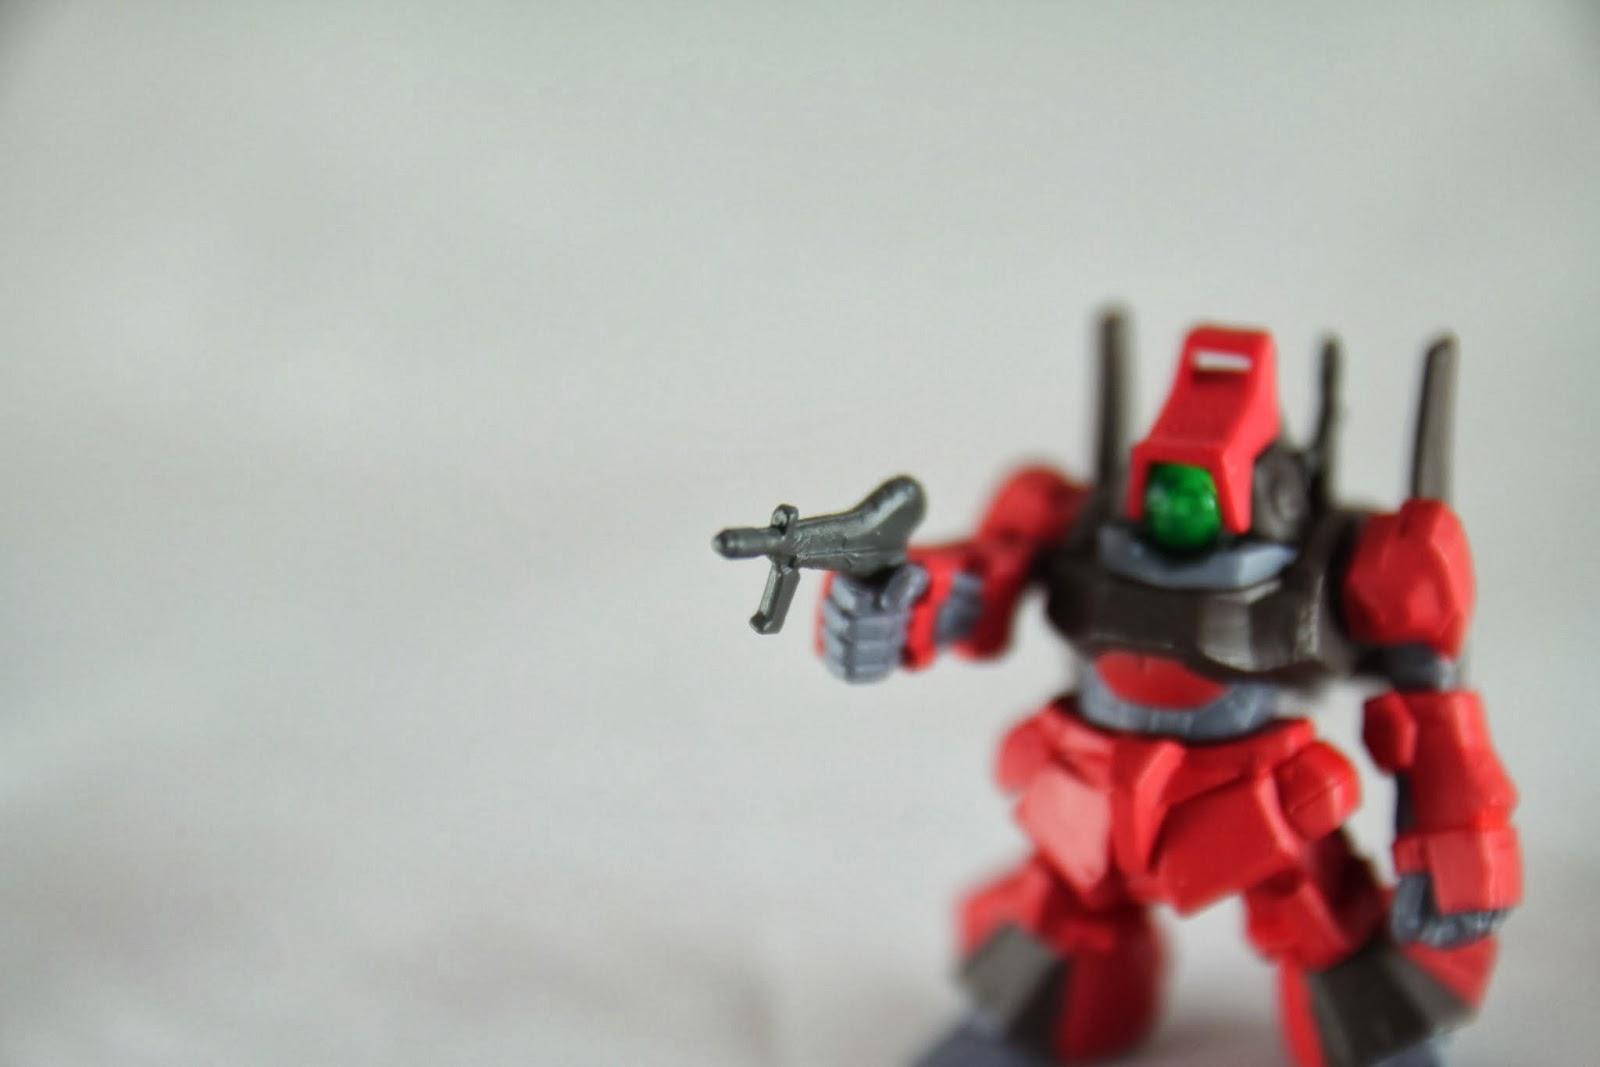 小光束槍真的很小 出力也很小